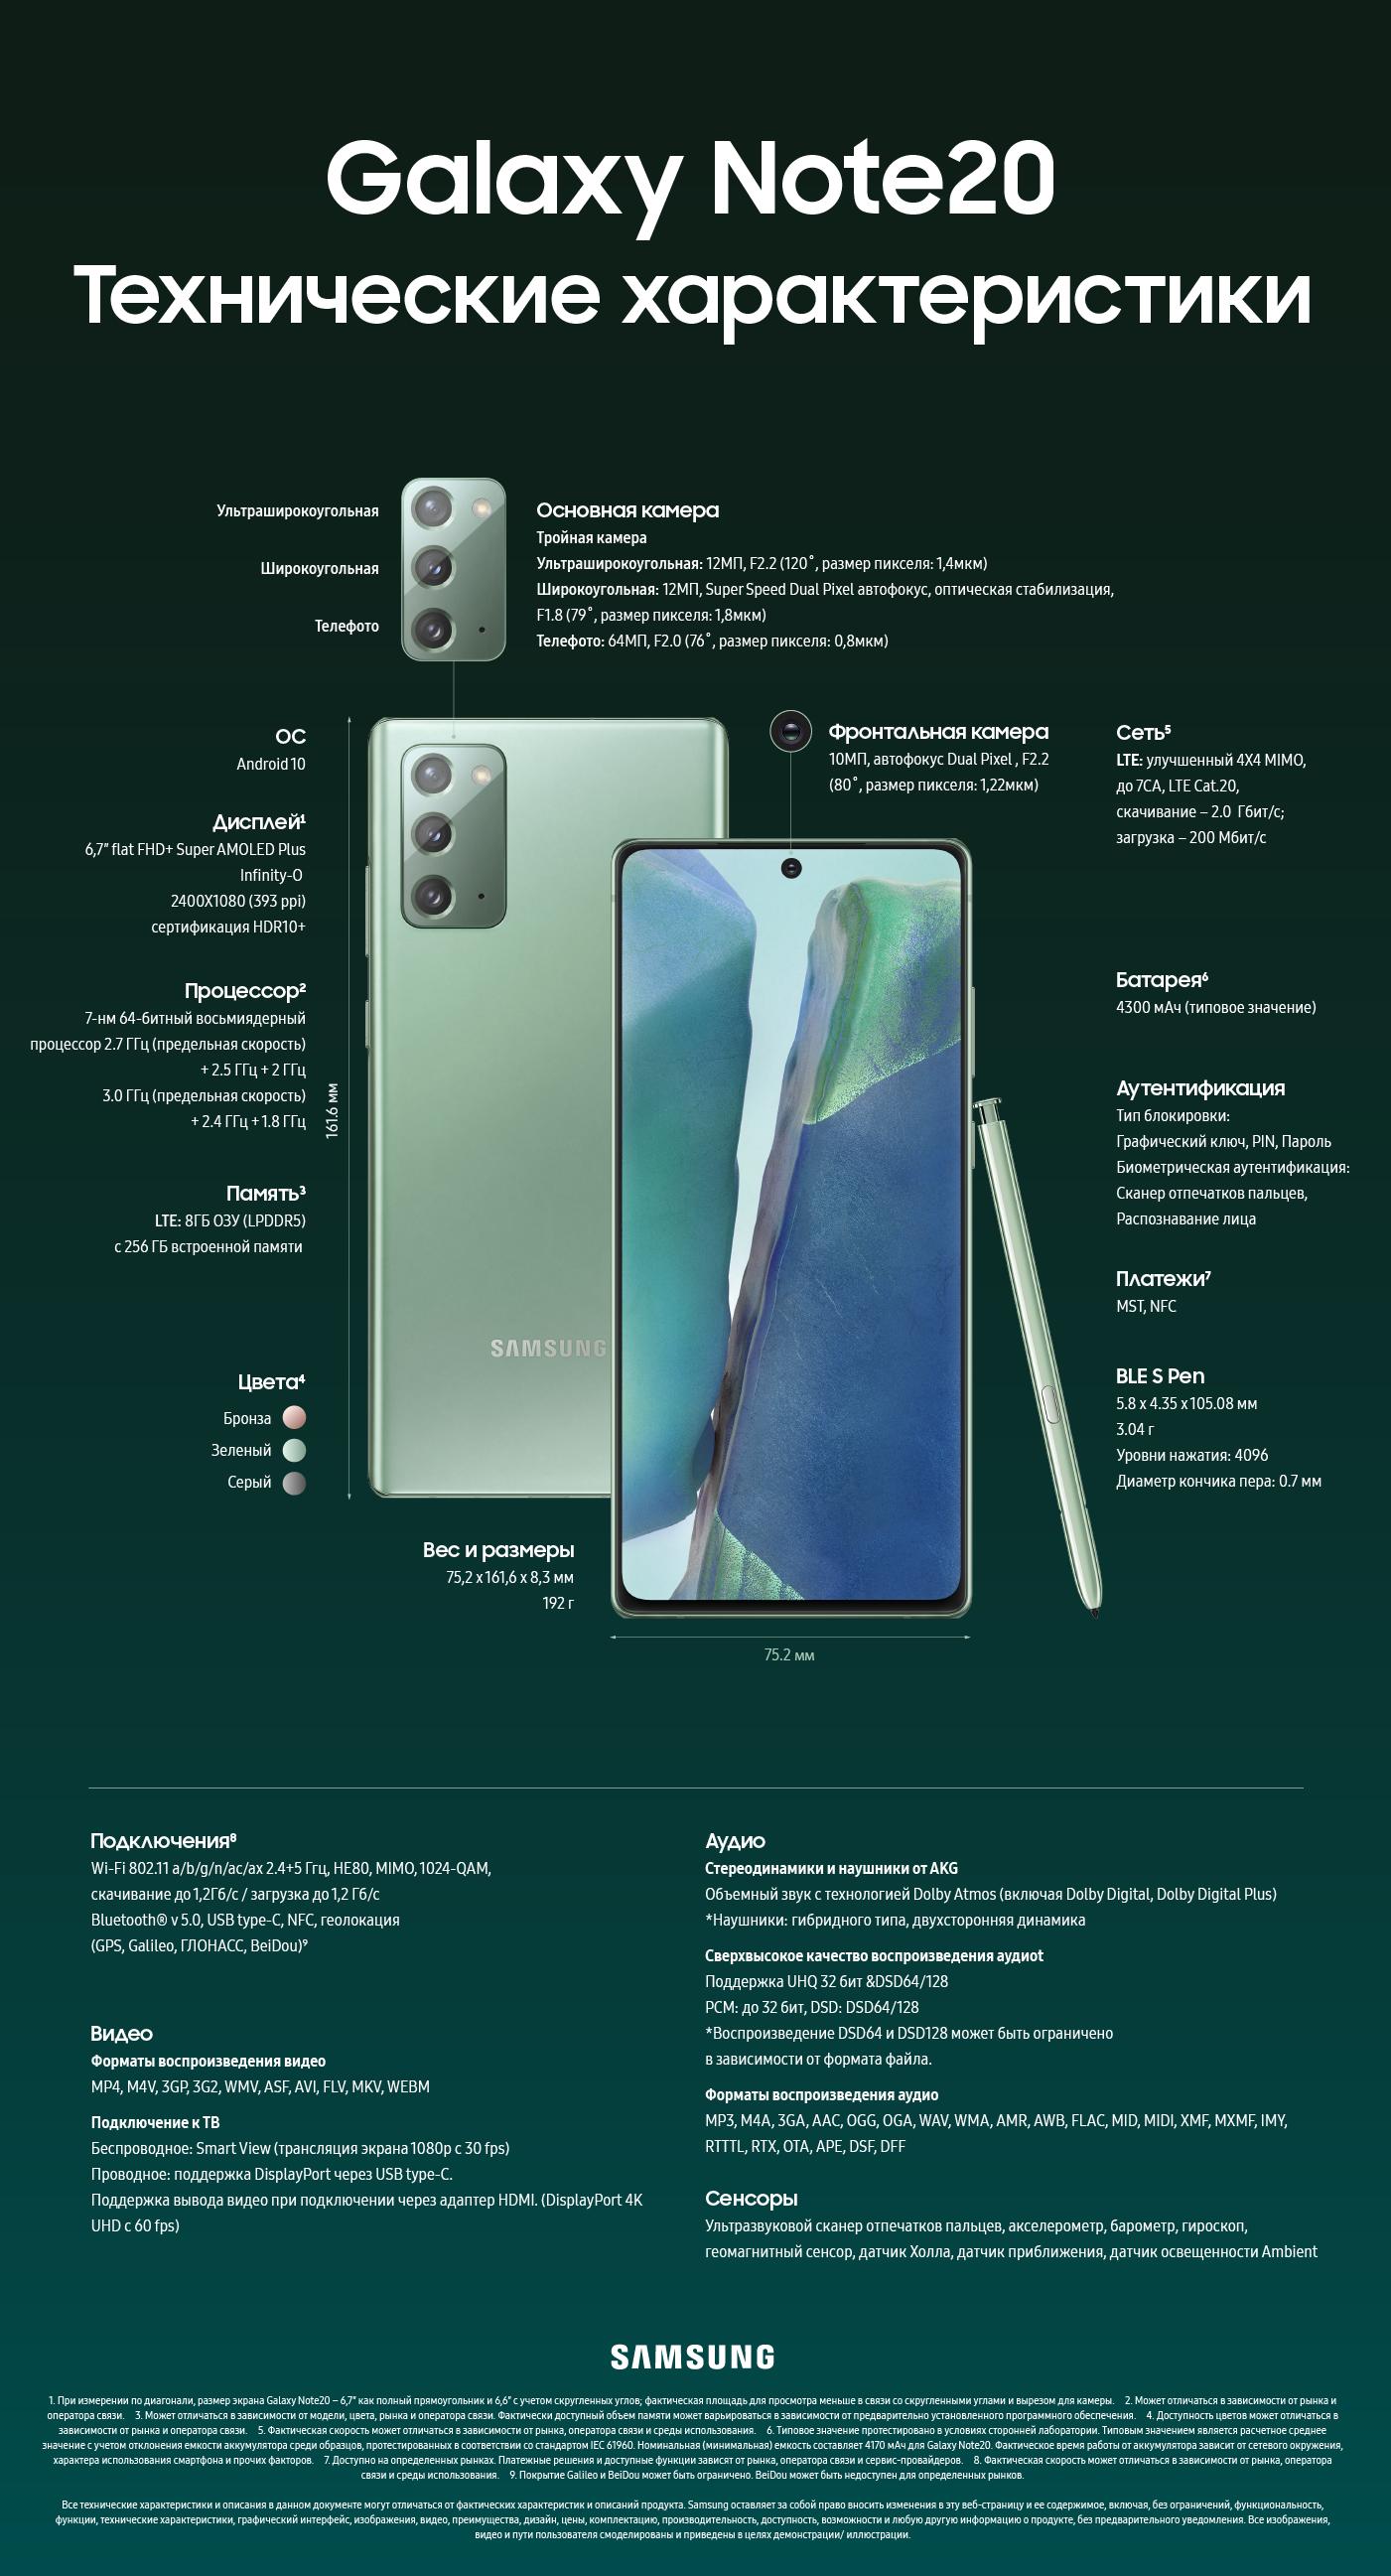 [Инфографика] Подробное описание Galaxy Note 20 и Note 20 Ultra